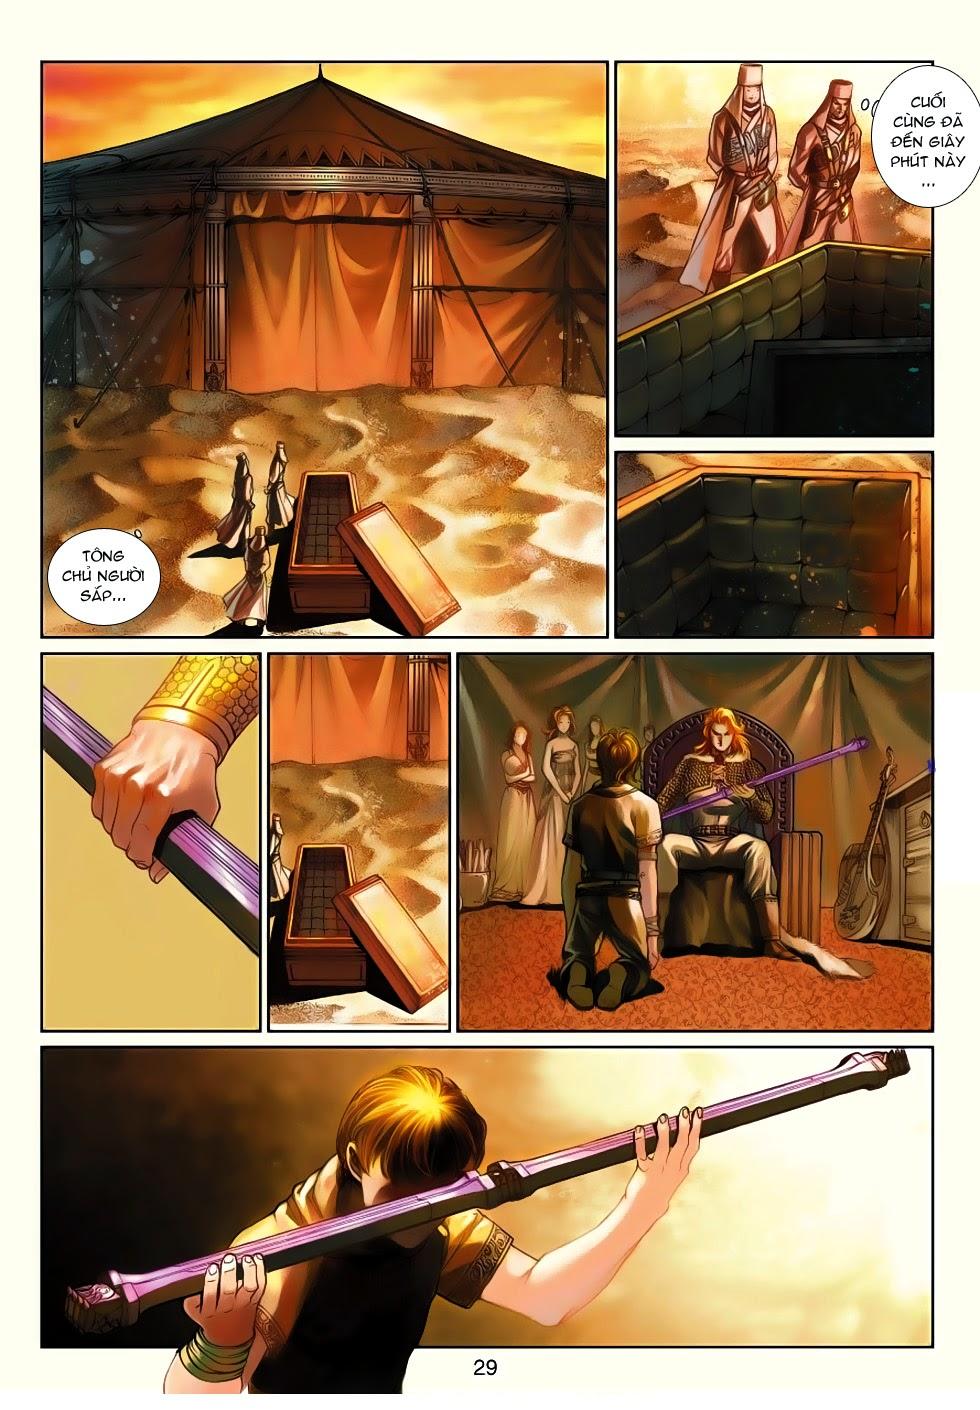 Thần Binh Tiền Truyện 4 - Huyền Thiên Tà Đế chap 13 - Trang 29